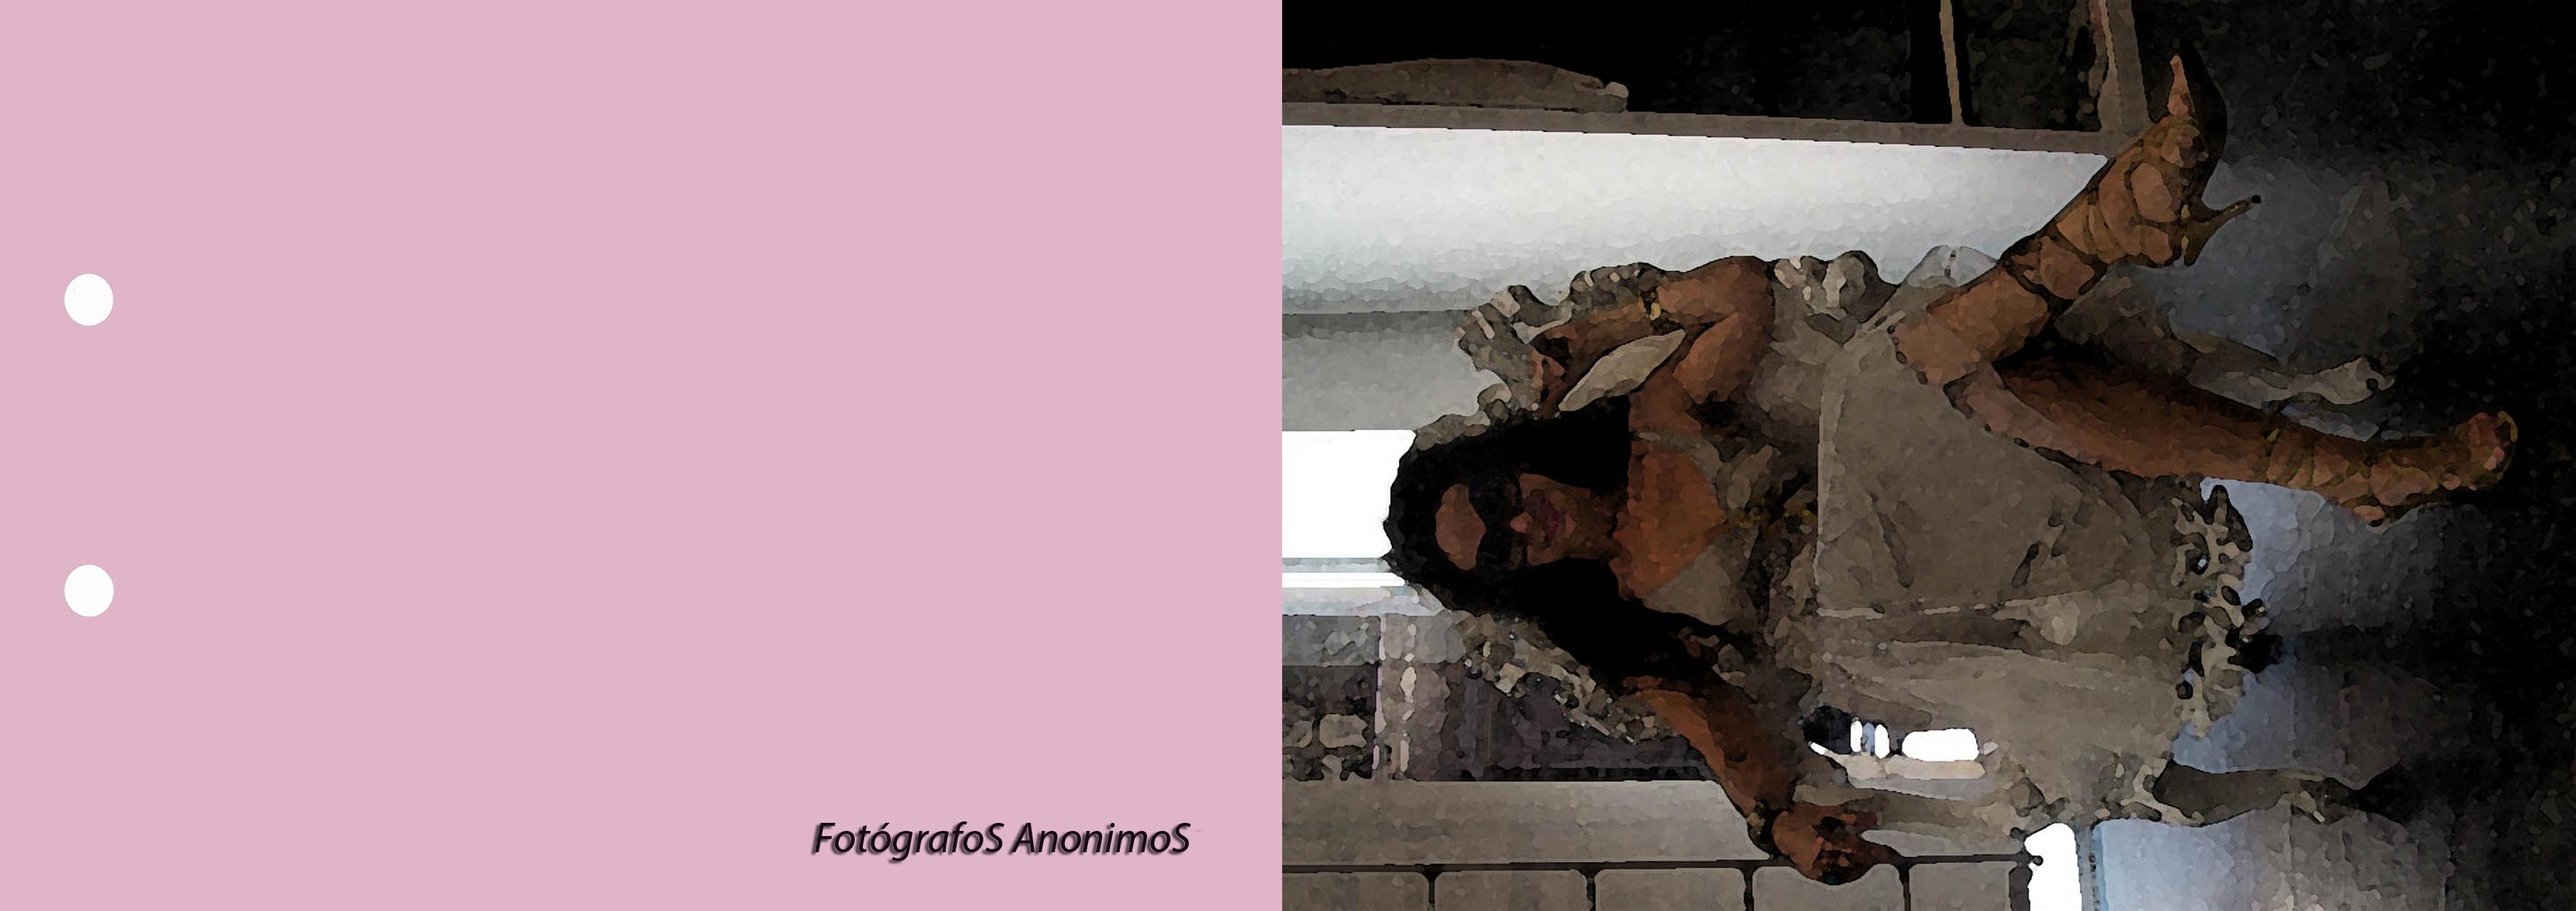 68-catalogo-ANONIMOS-SILLON.jpg